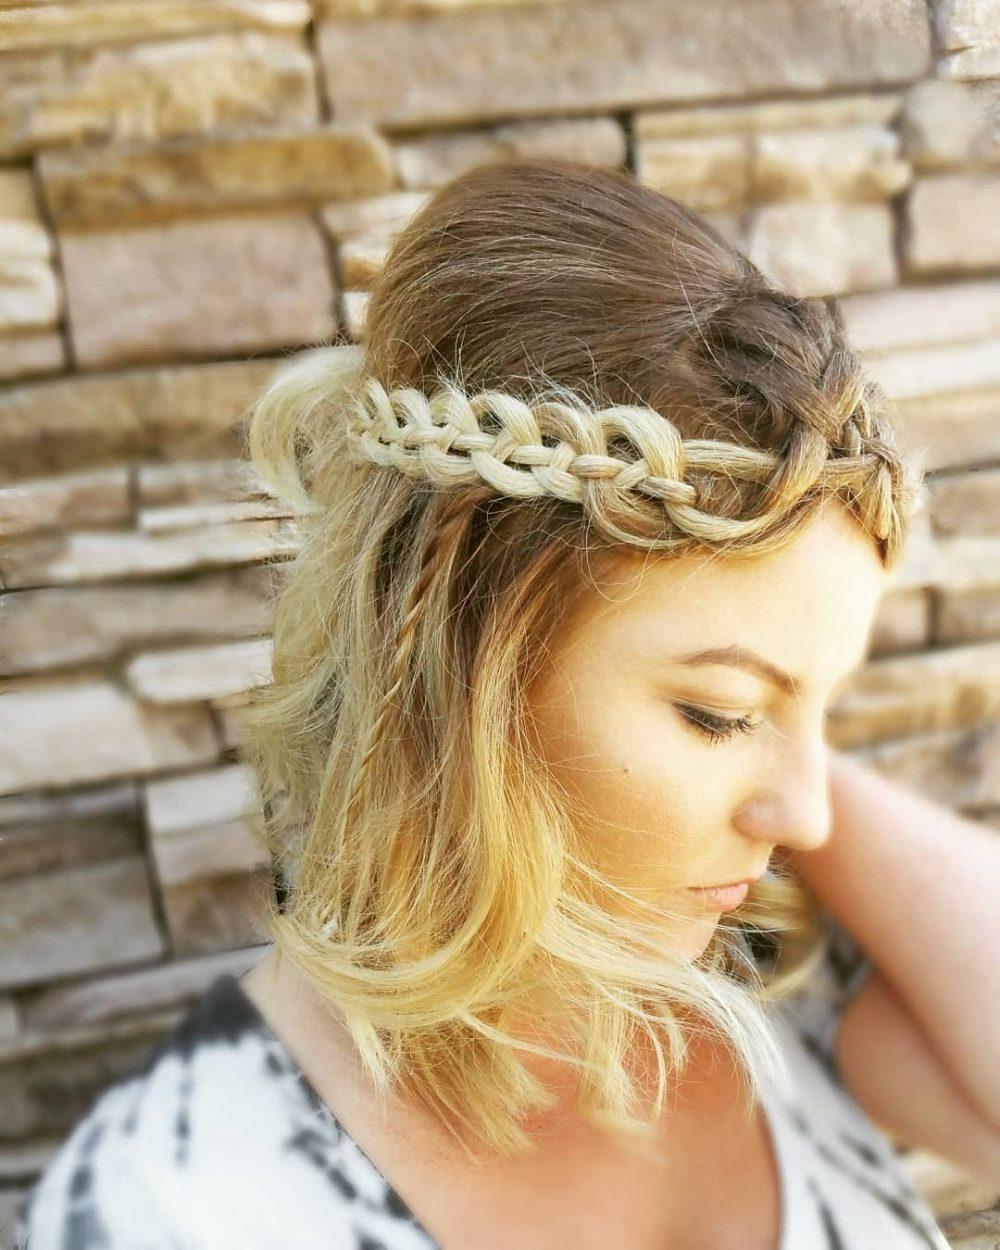 Dimensional Chain Braid hairstyle